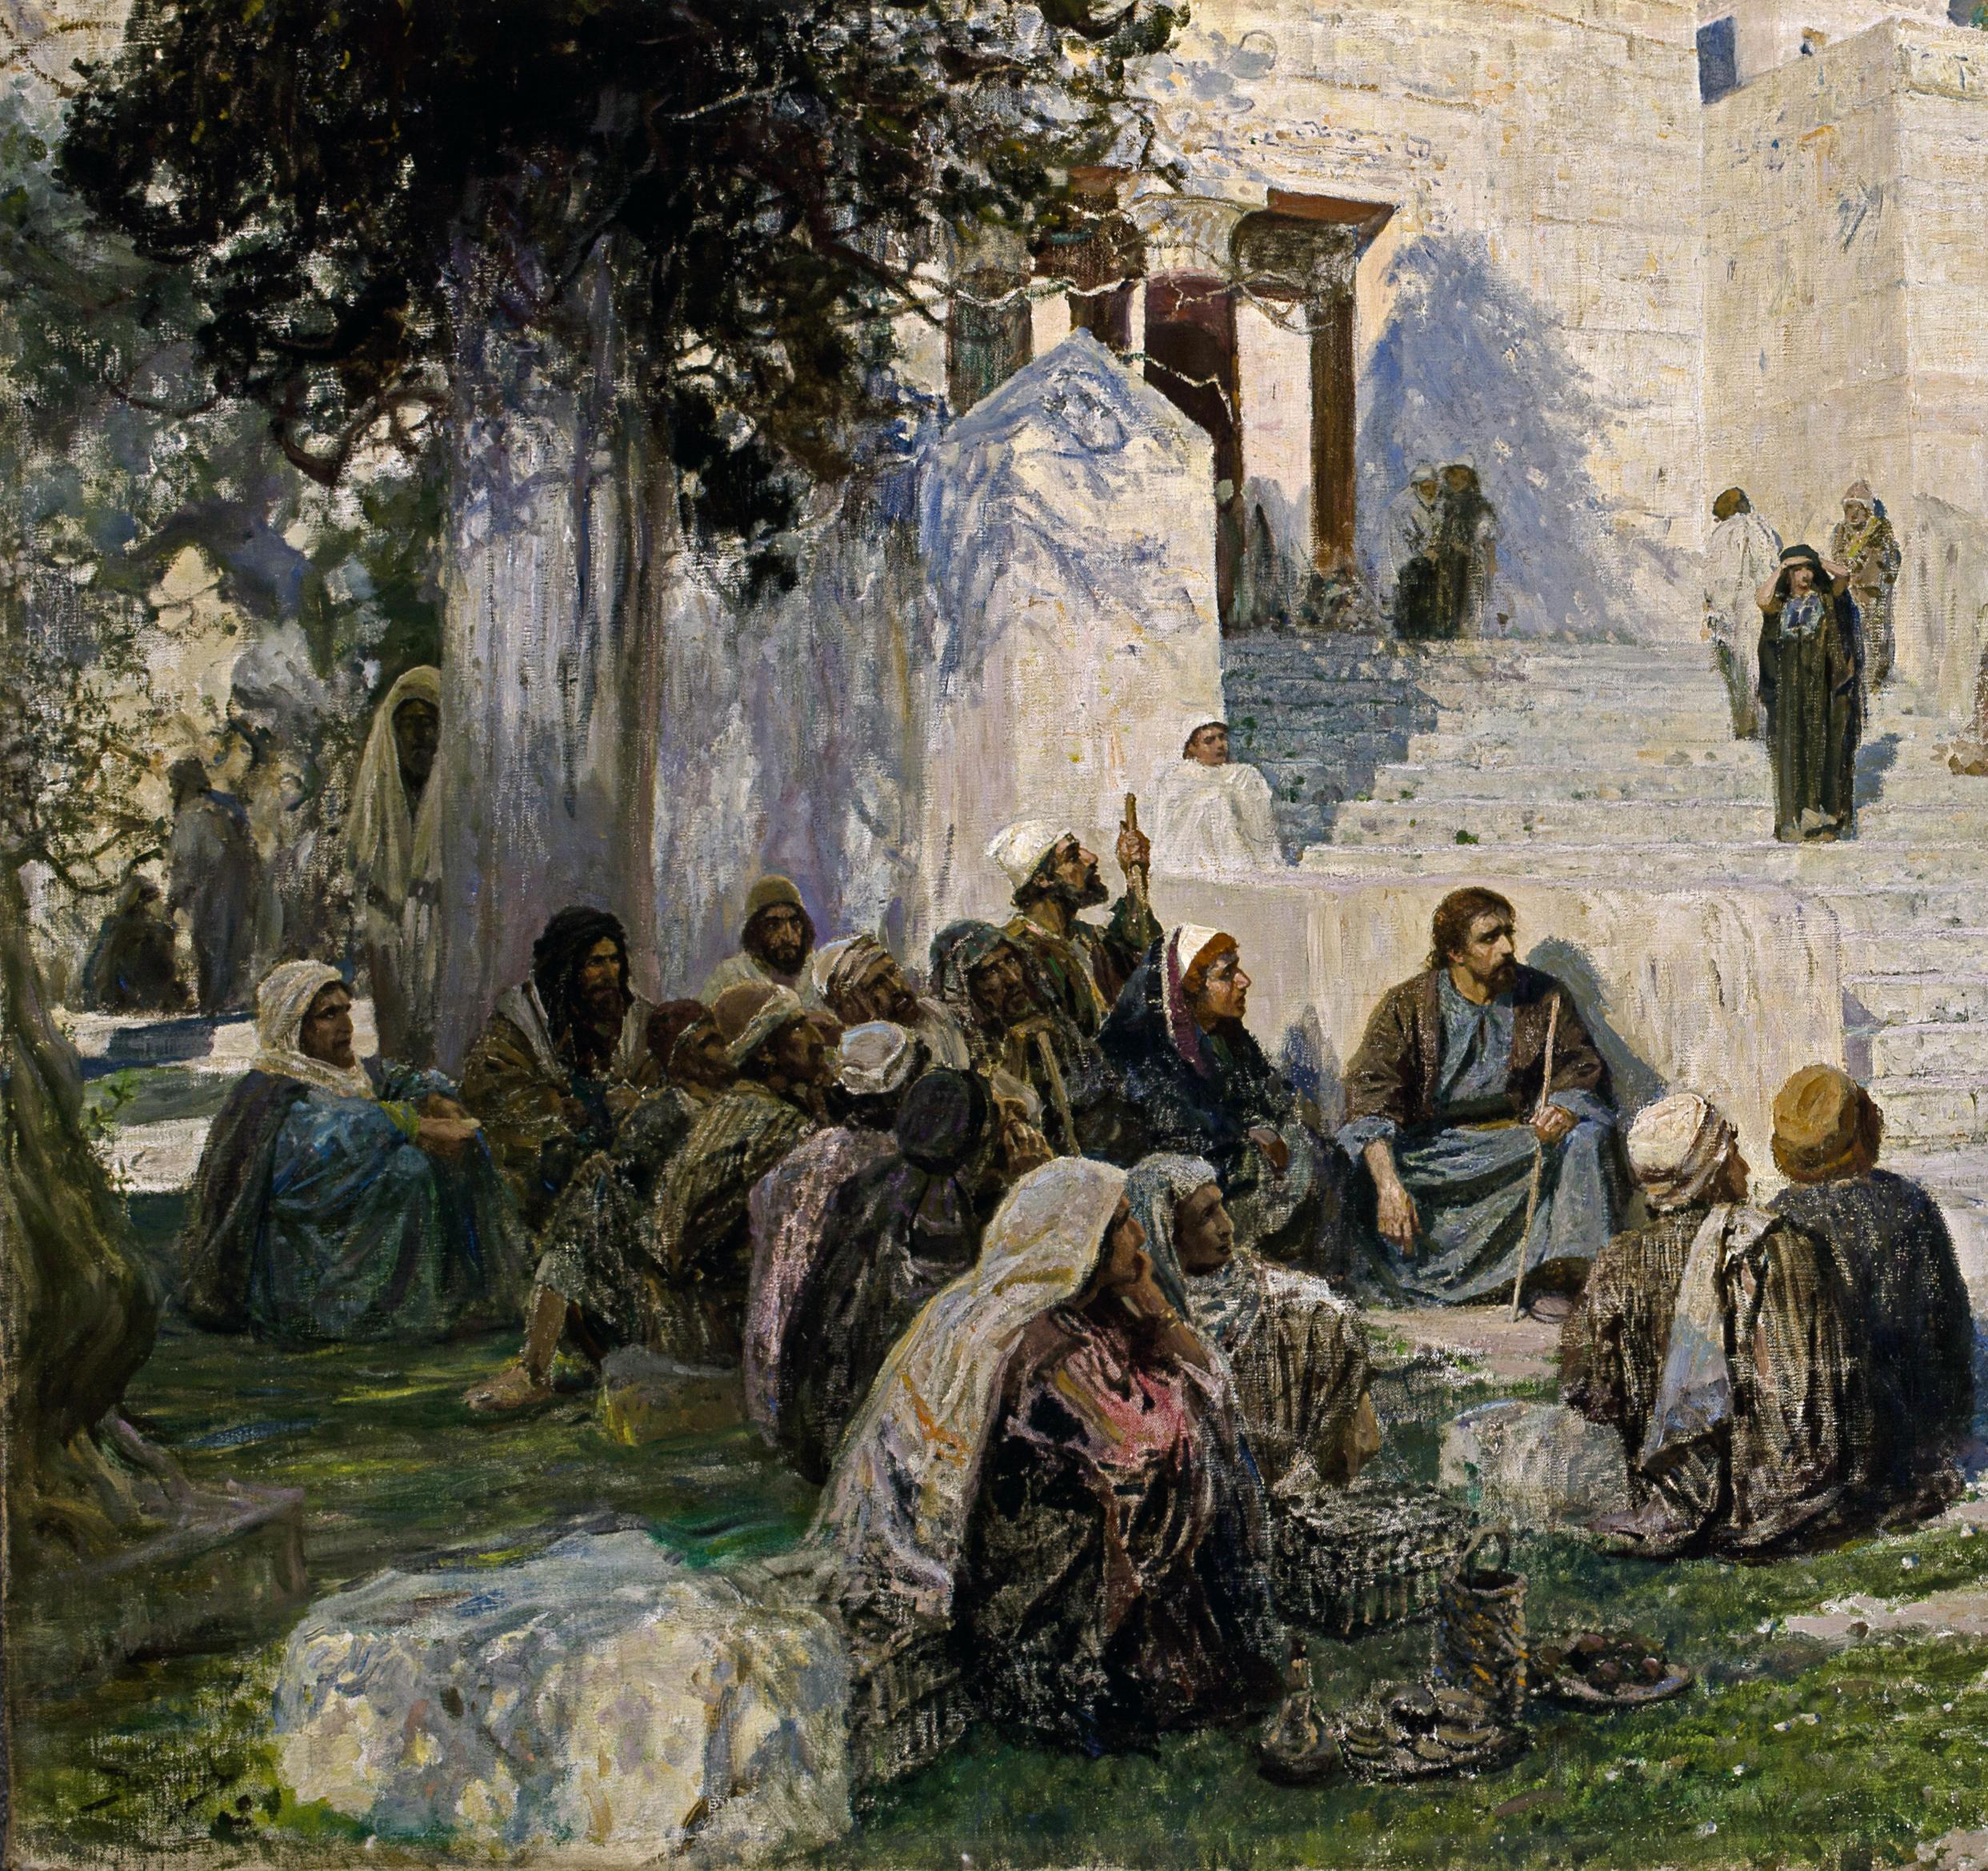 Wer-ohne-Sünde-ist-Wassilij-Dimitriewitsch-Polenow-Ausschnitt-Gruppe-Jesus